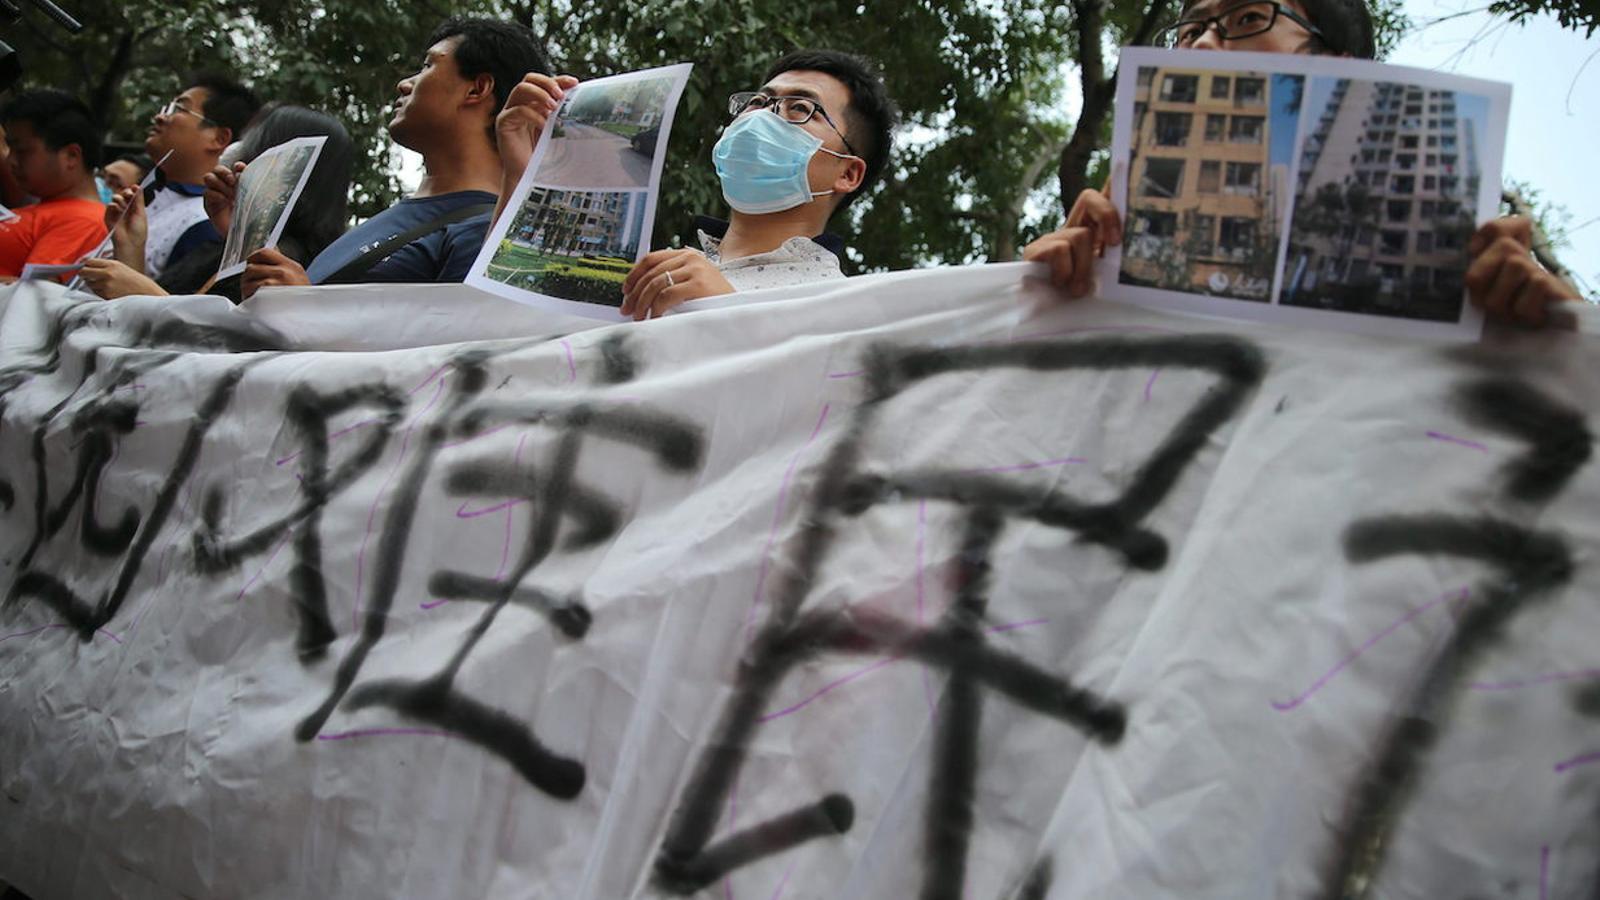 Afectats per les explosions de Tianjin, a la Xina, protesten i reclamen ajut mostrant imatges de les cases destrossades / EFE / EPA